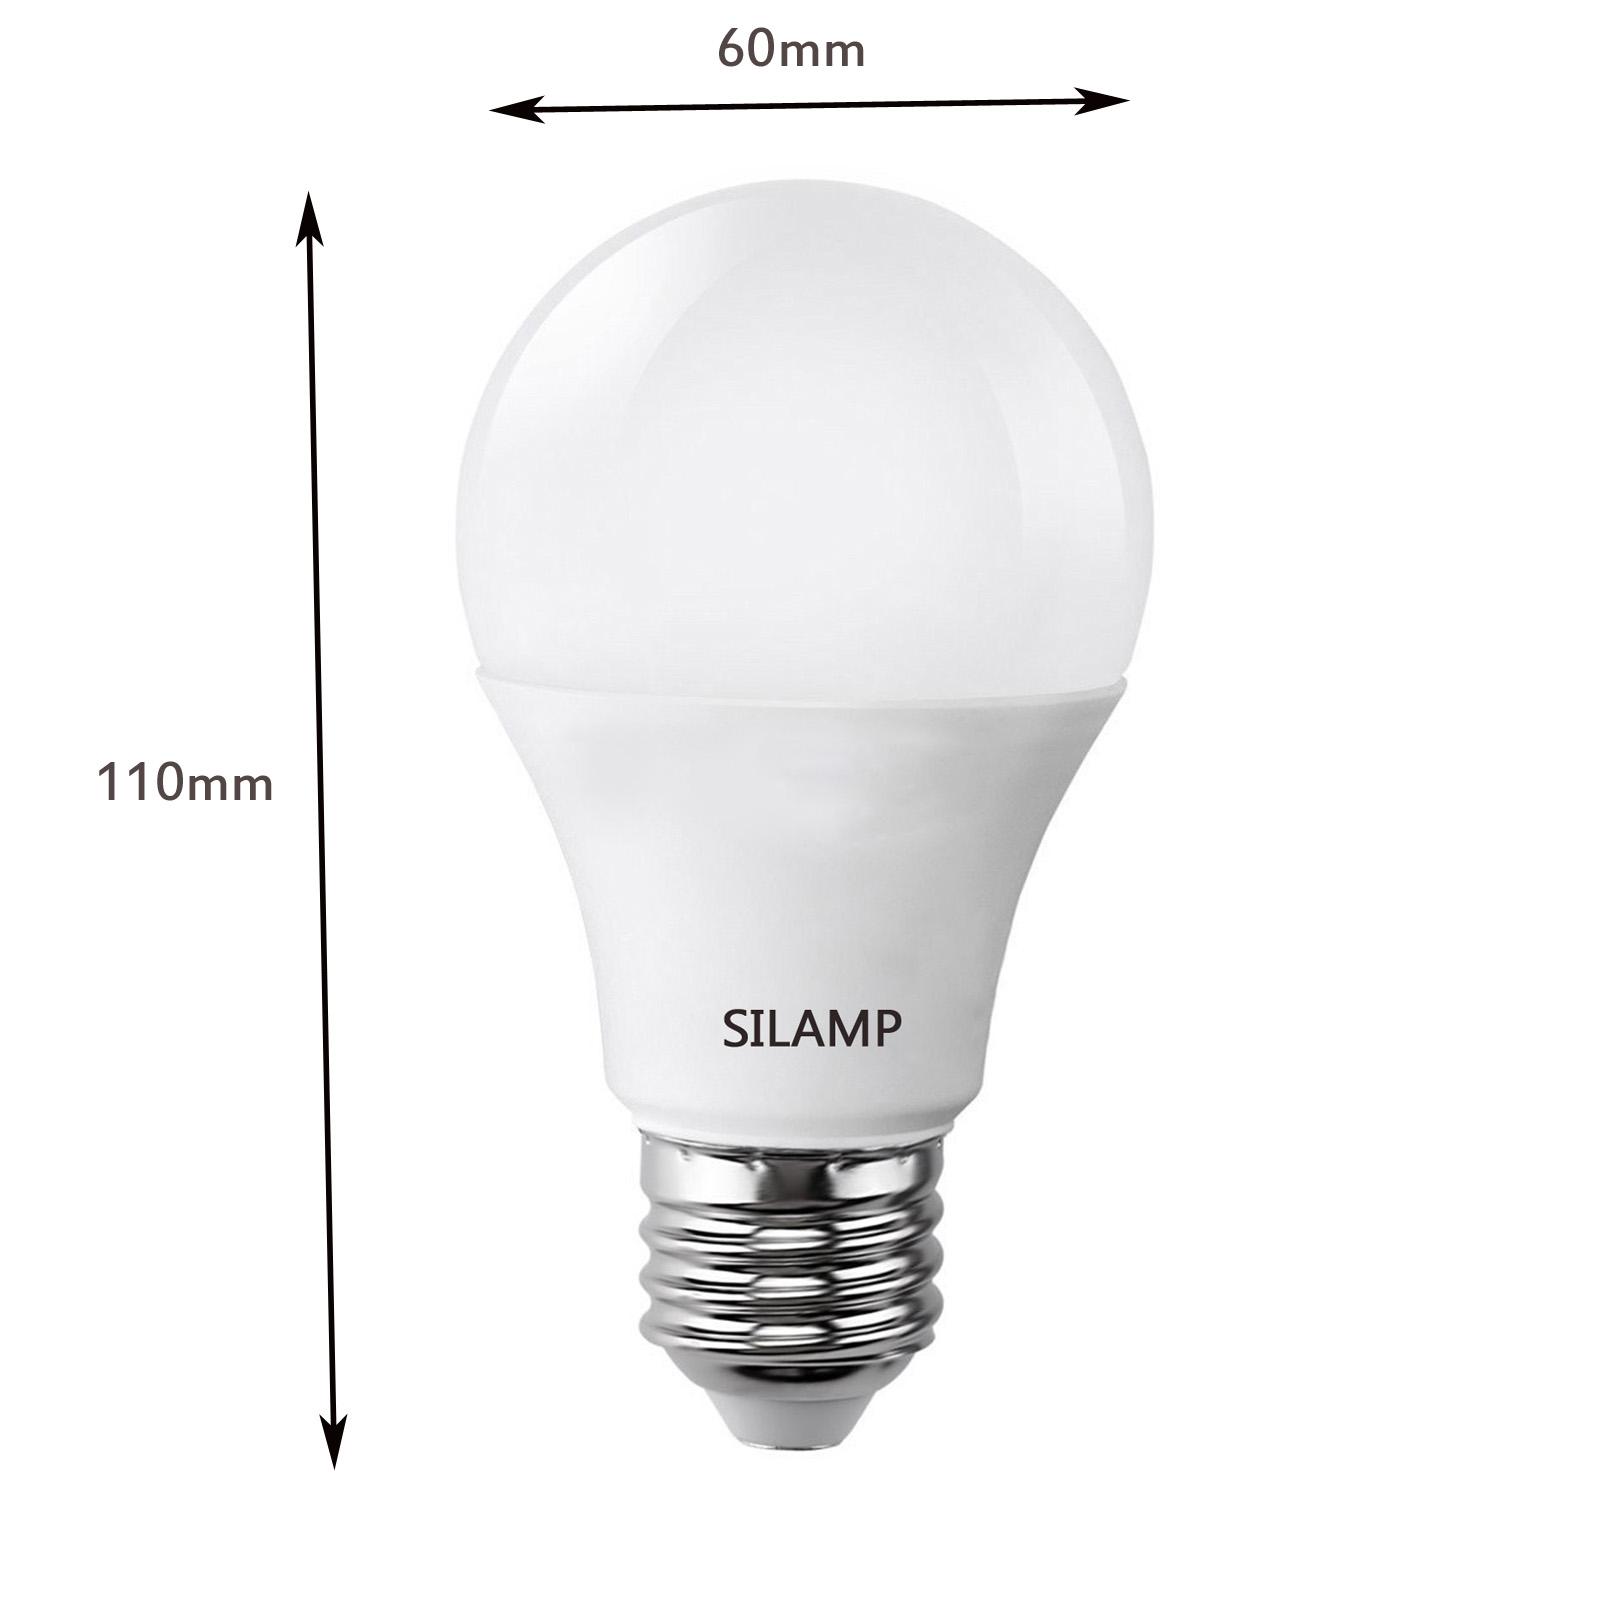 L70 12w offerte lampadine led silamp lampadina a for Offerte lampadine led